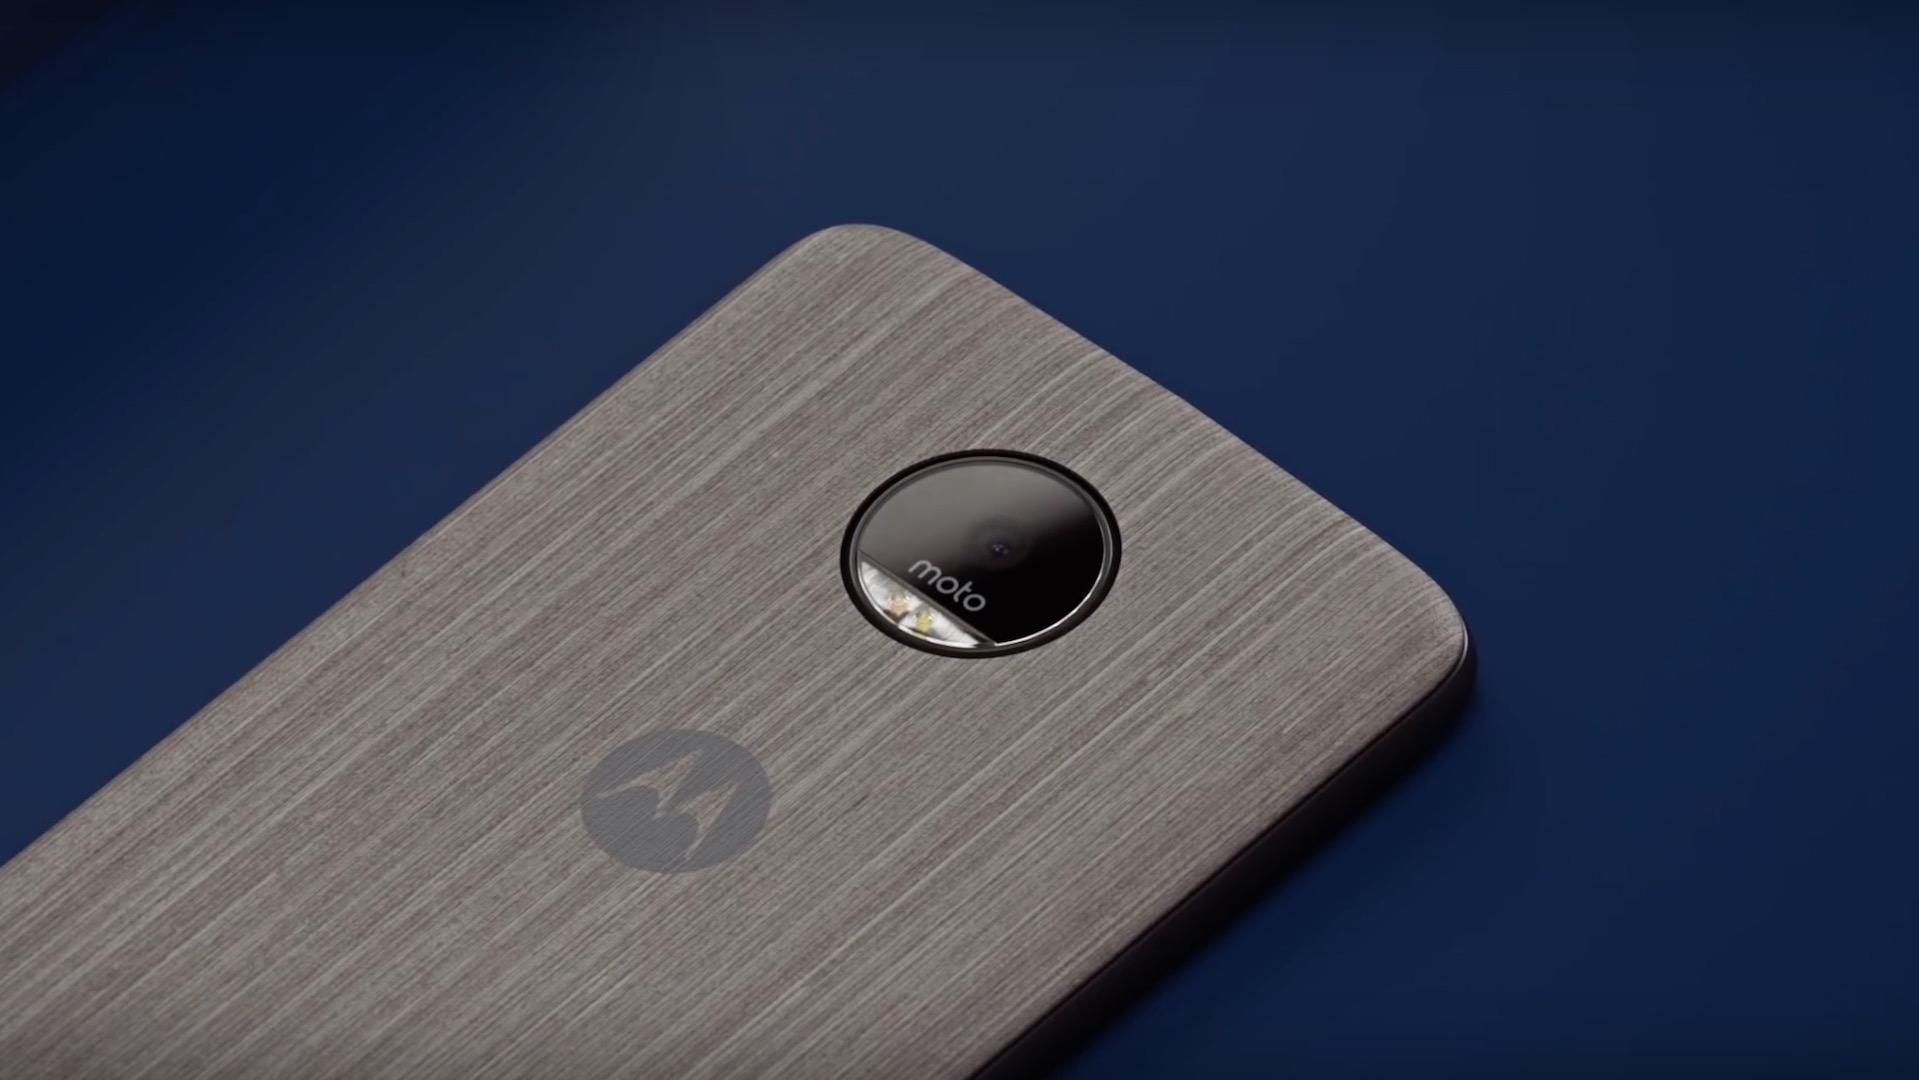 Lenovo lanzó los nuevos Moto Z y Moto Z Force con módulos intercambiables